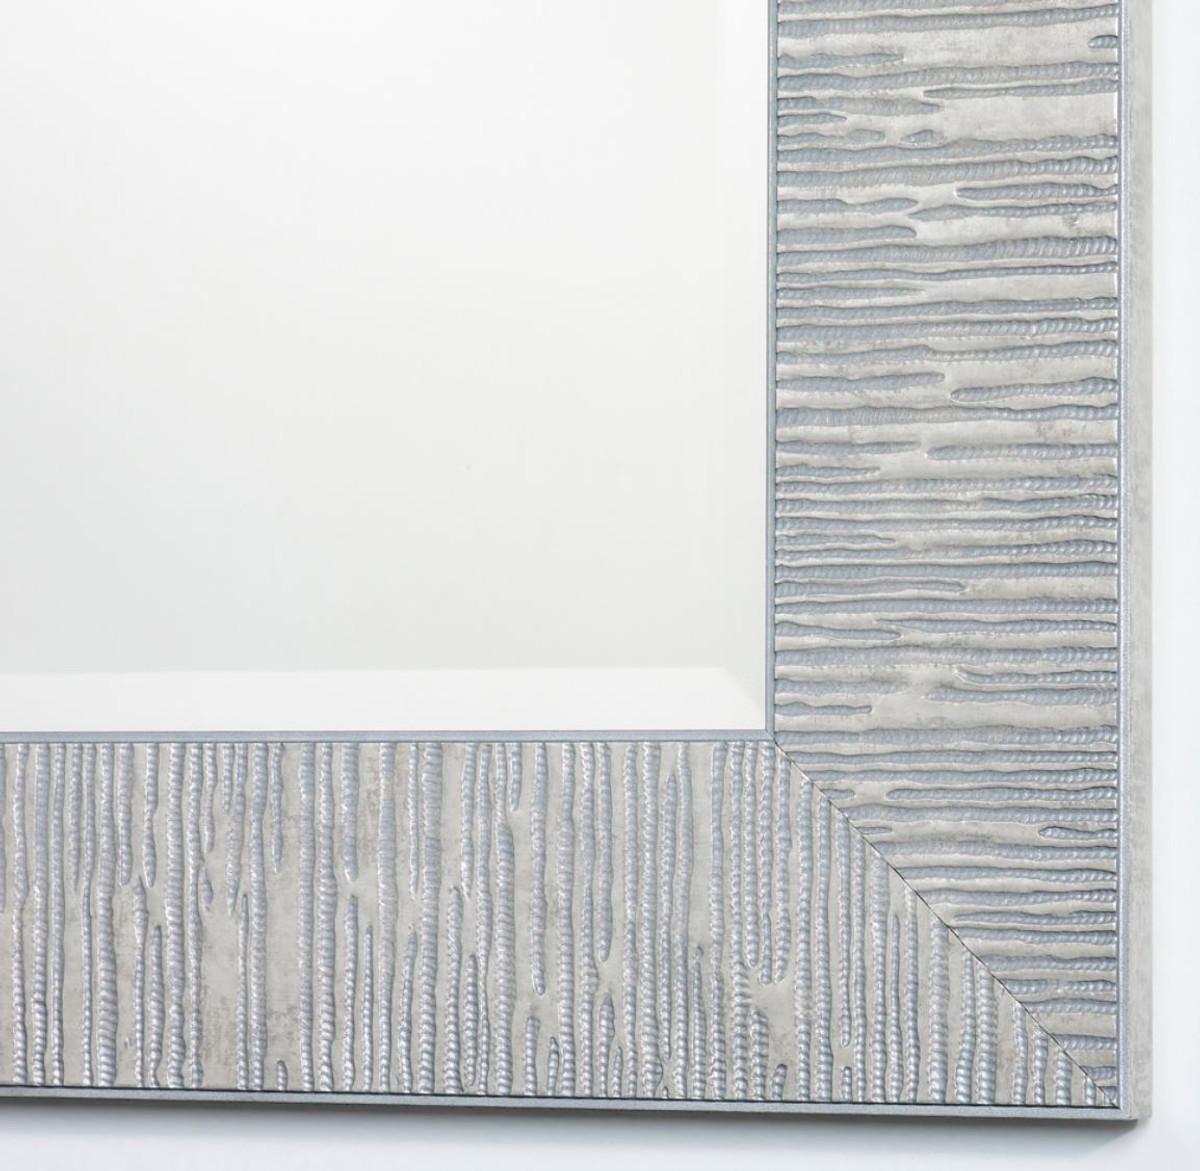 Casa padrino wohnzimmer spiegel silber 58 x h 148 cm - Wohnzimmer spiegel silber ...